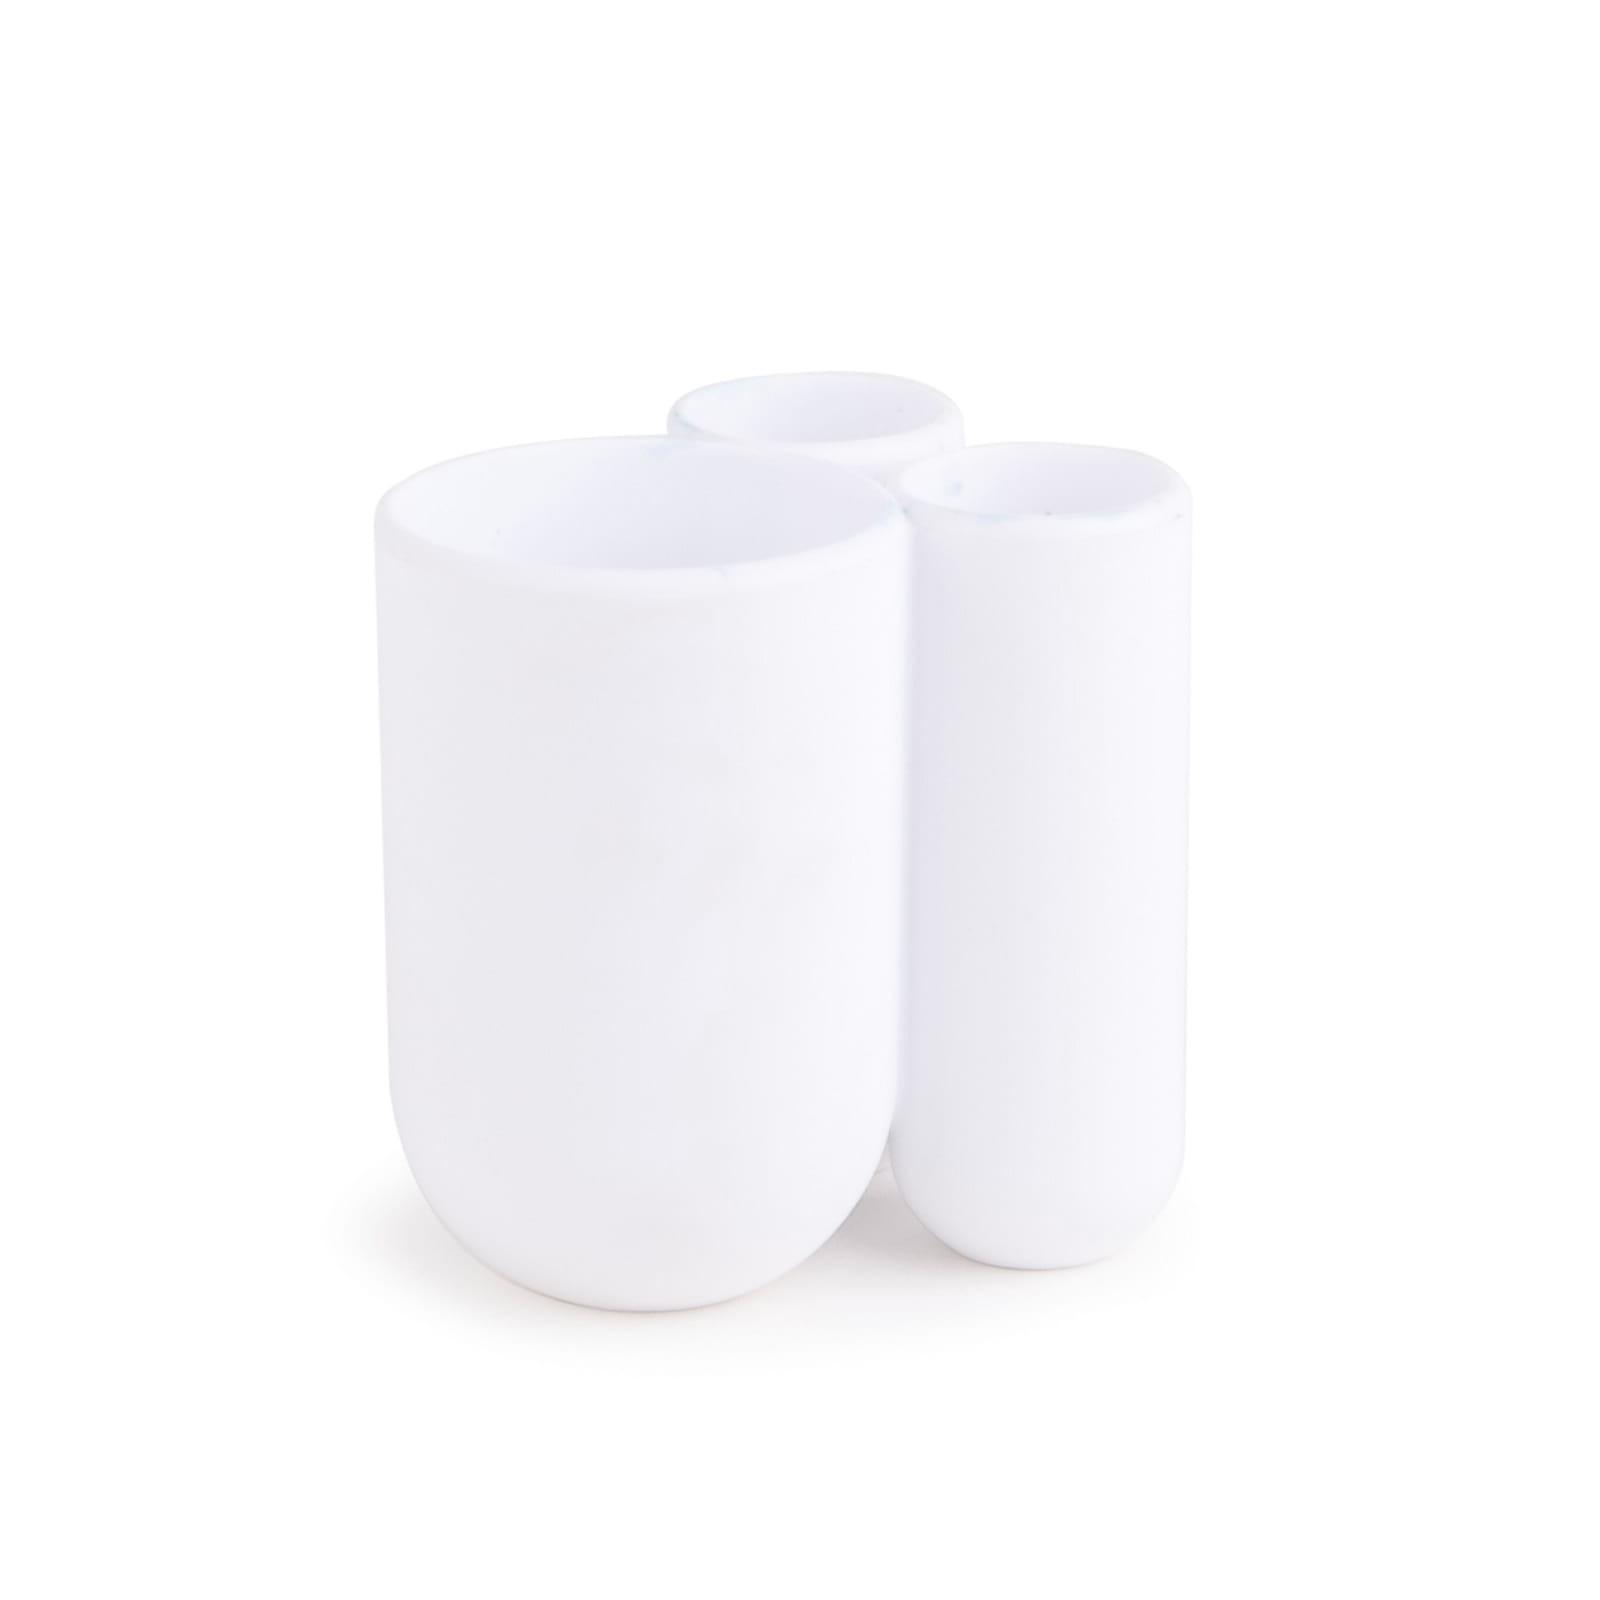 Βάση για Οδοντόβουρτσες Touch (Λευκή) - Umbra